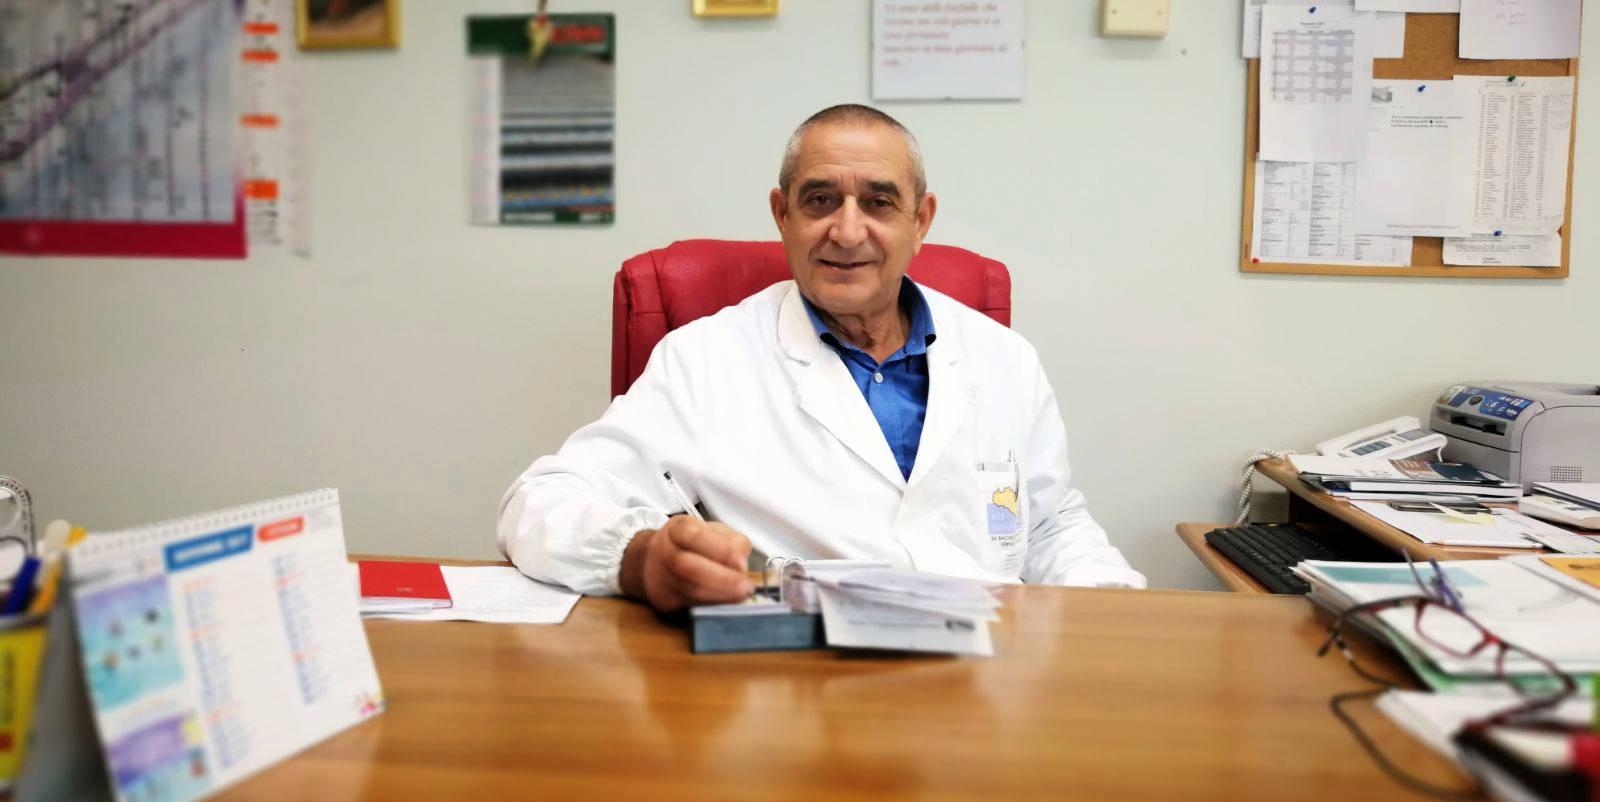 Angelo Barresi